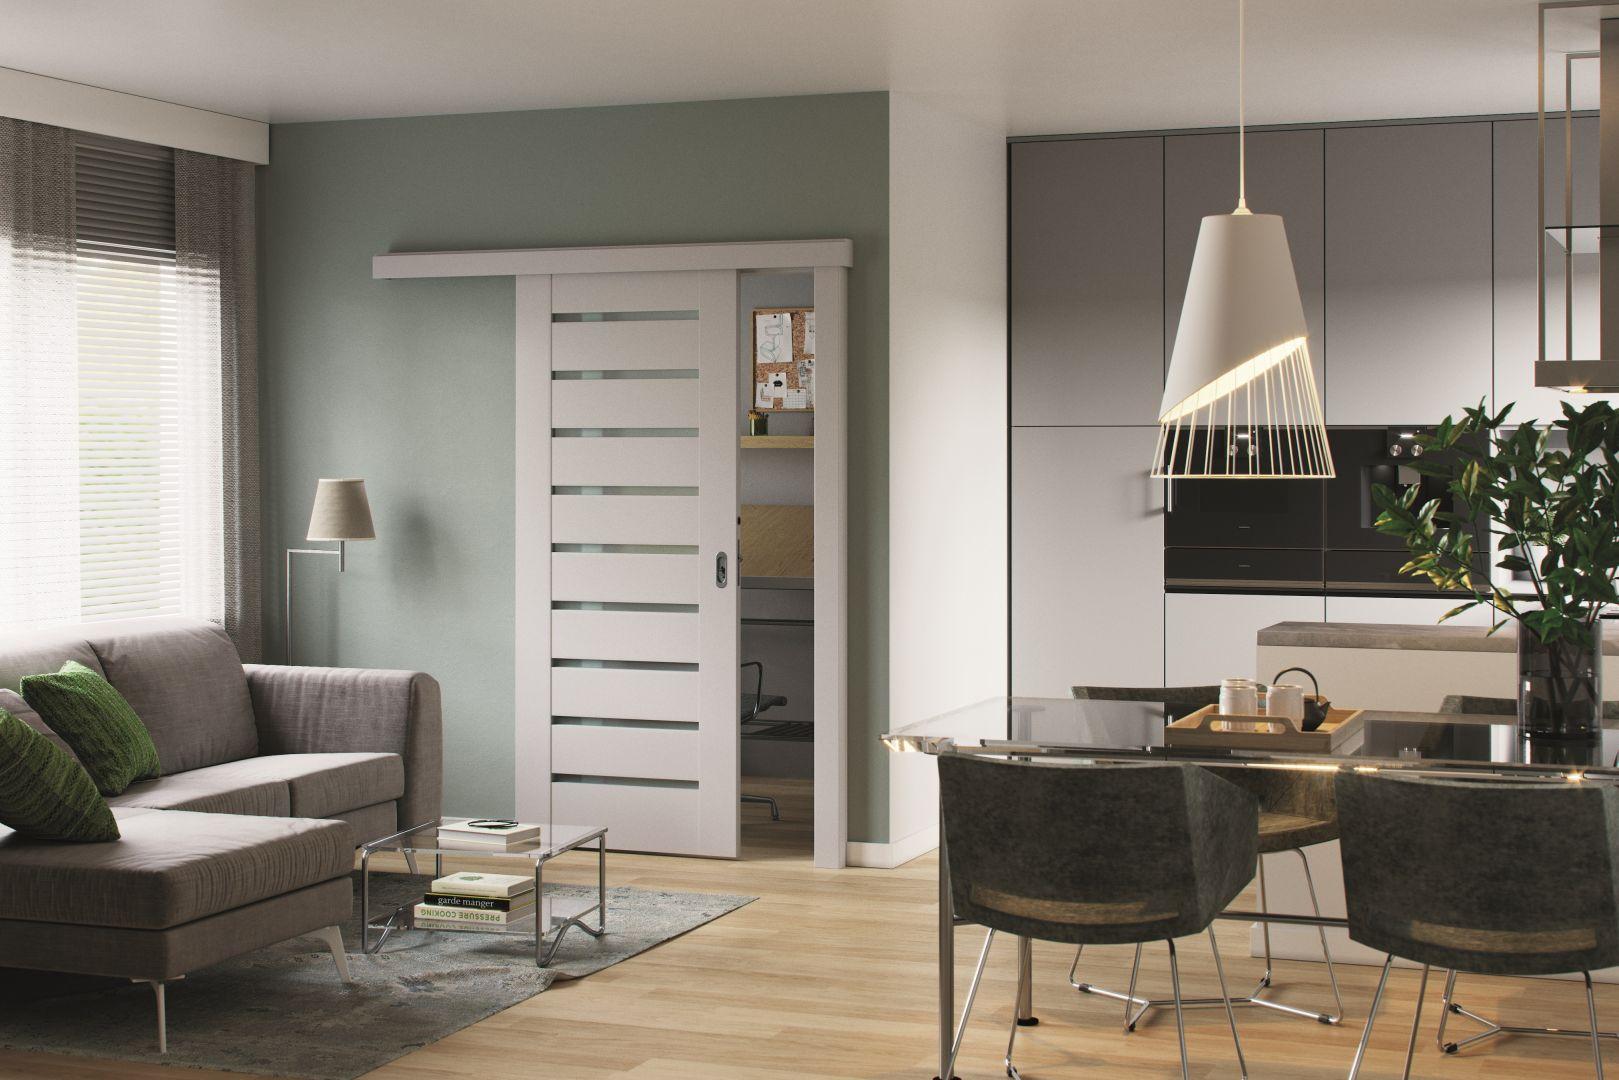 Drzwi w wersji przesuwnej kolekcji Porta Koncept niezastąpione w małych mieszkaniach. Fot. Porta